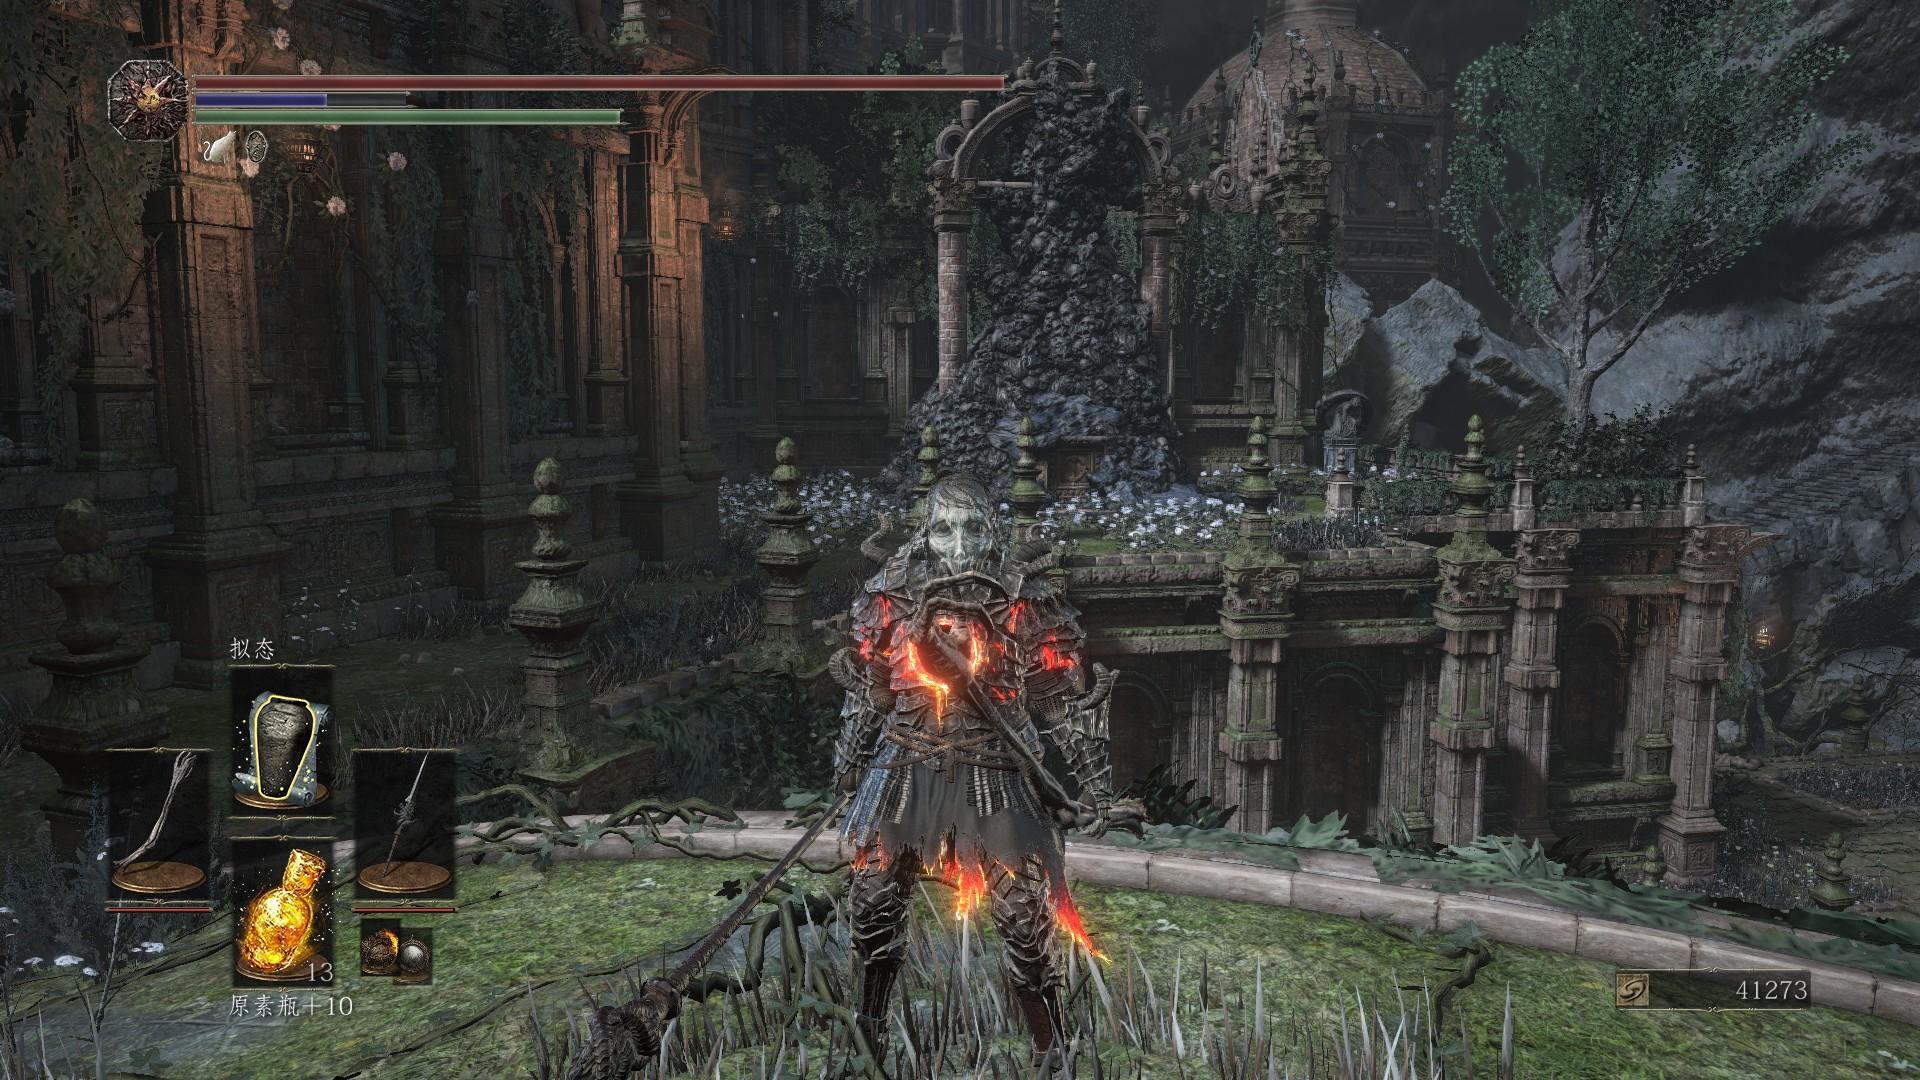 我要看巴拉拉拉小魔_黑暗之魂3DLC2拉普剧情图文攻略 拉普剧情攻略_www.3dmgame.com